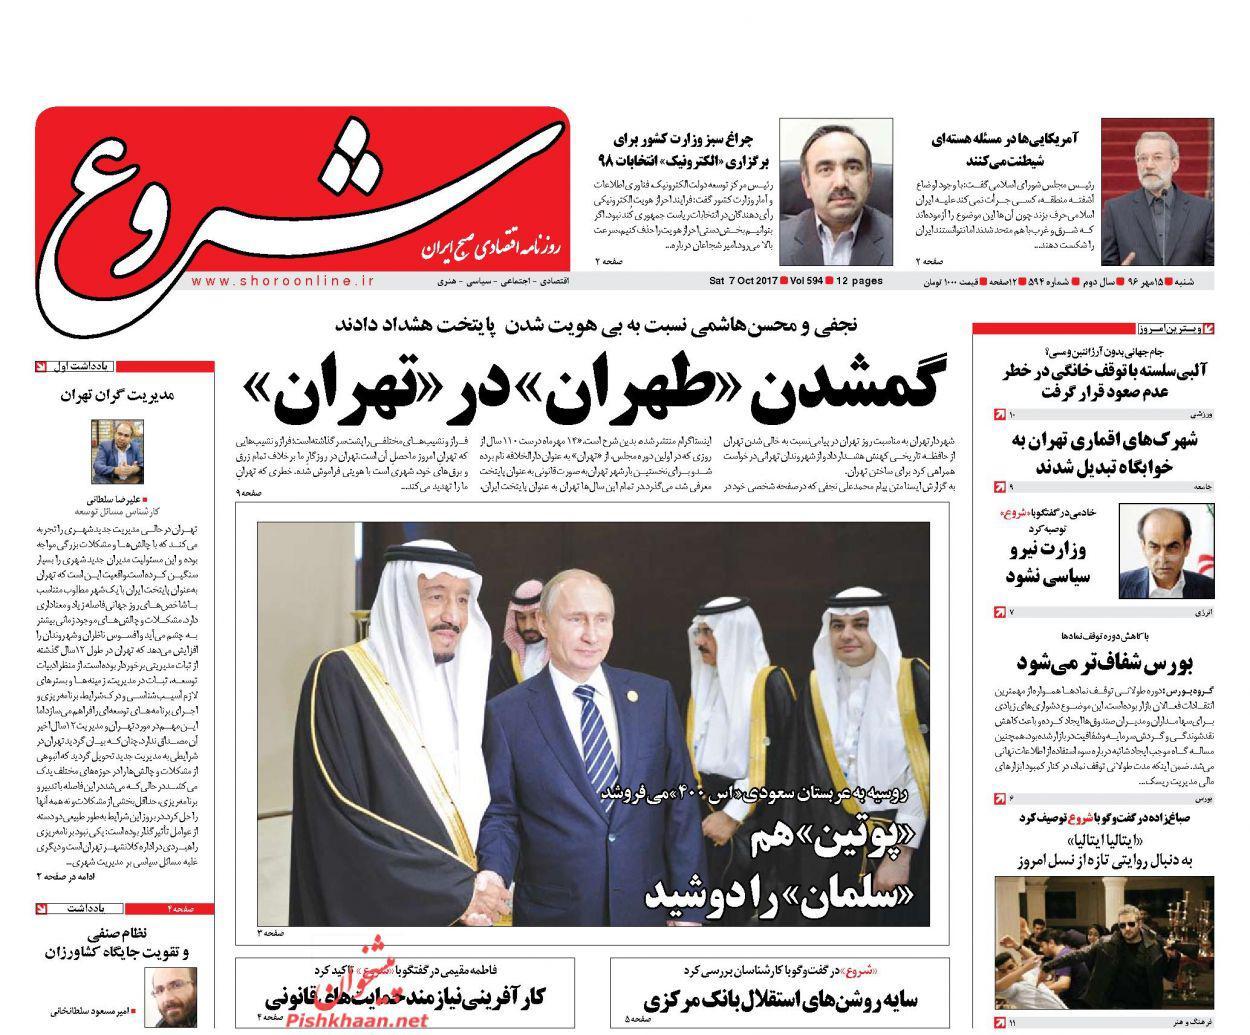 عناوین روزنامههای اقتصادی ۱۵ مهر ۹۶ / راهکارهای ایجاد بازار رقابتی +تصاویر